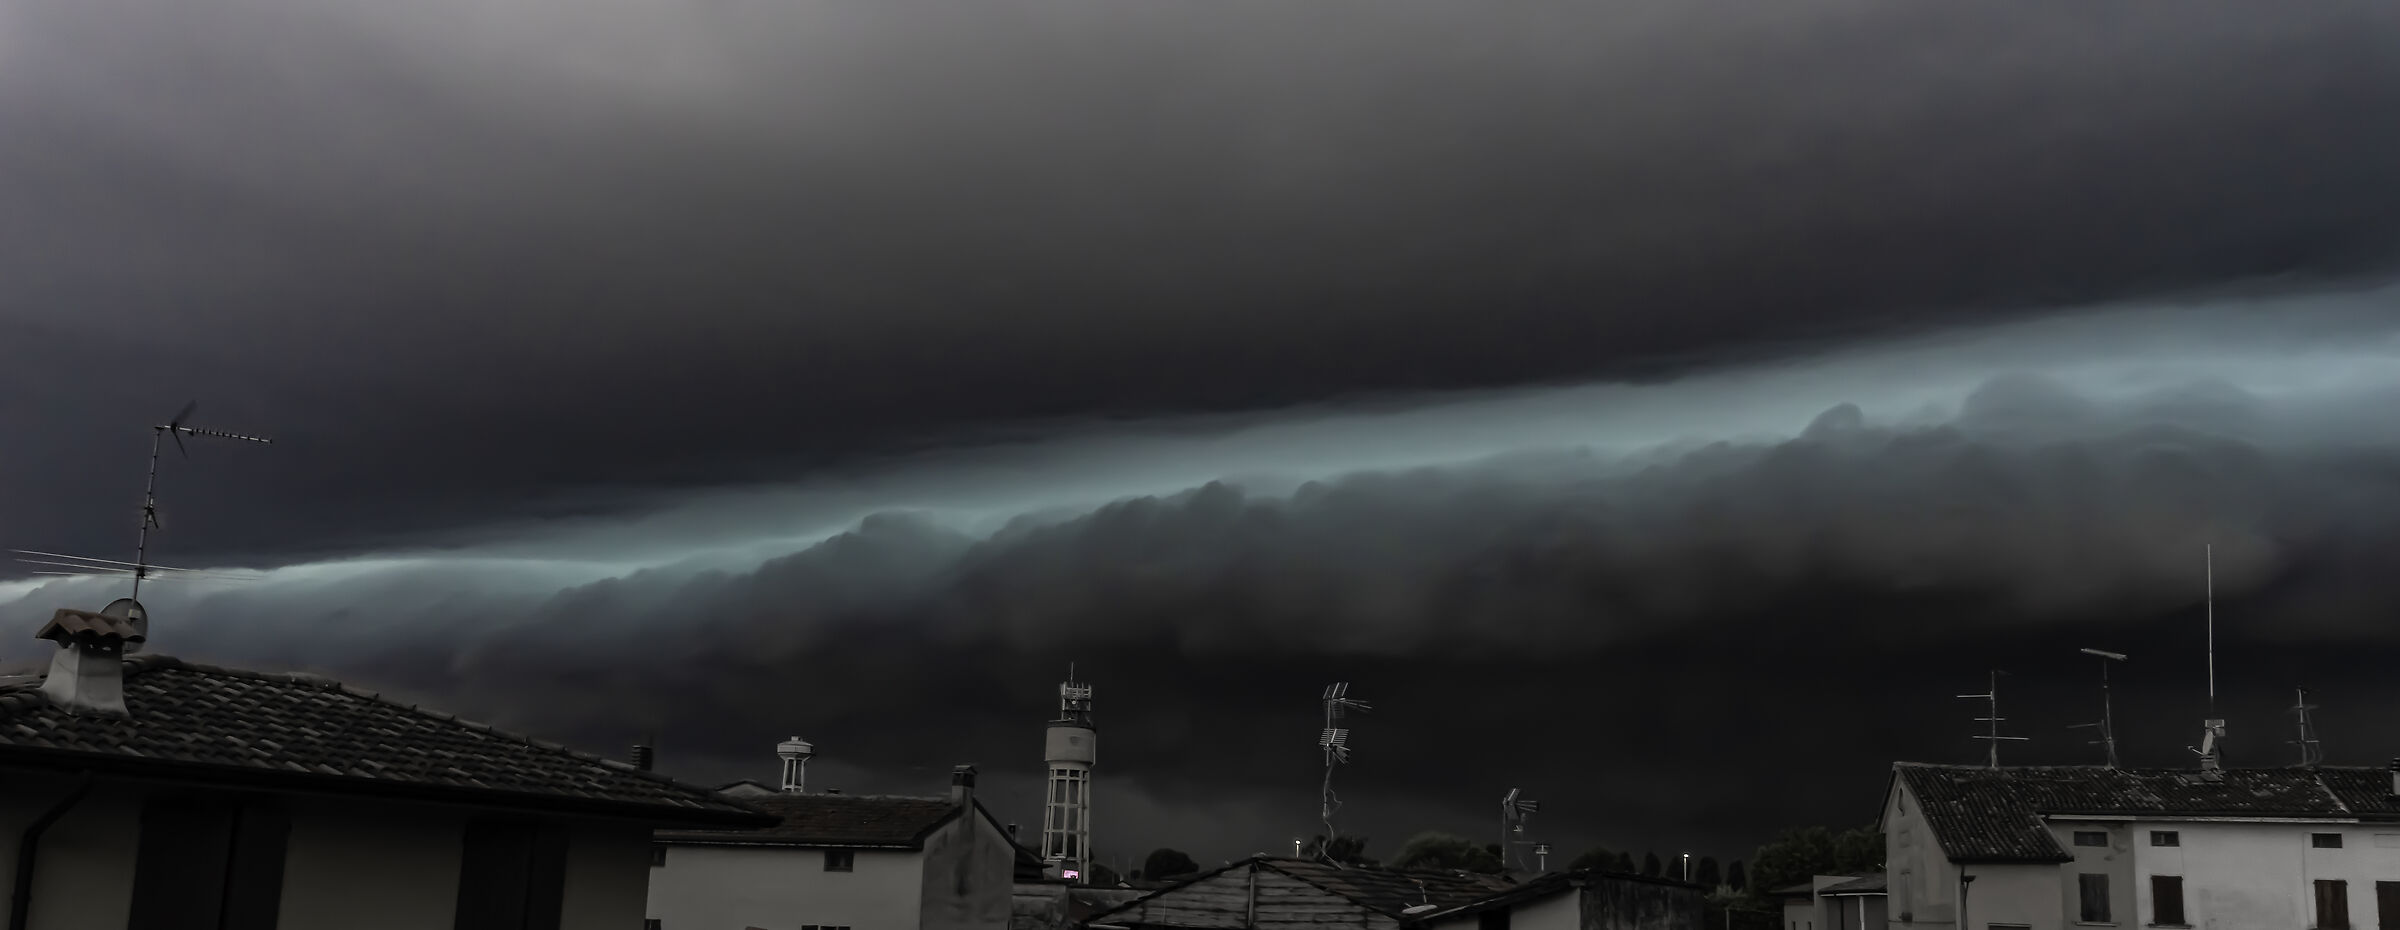 supercell (Brescia)...